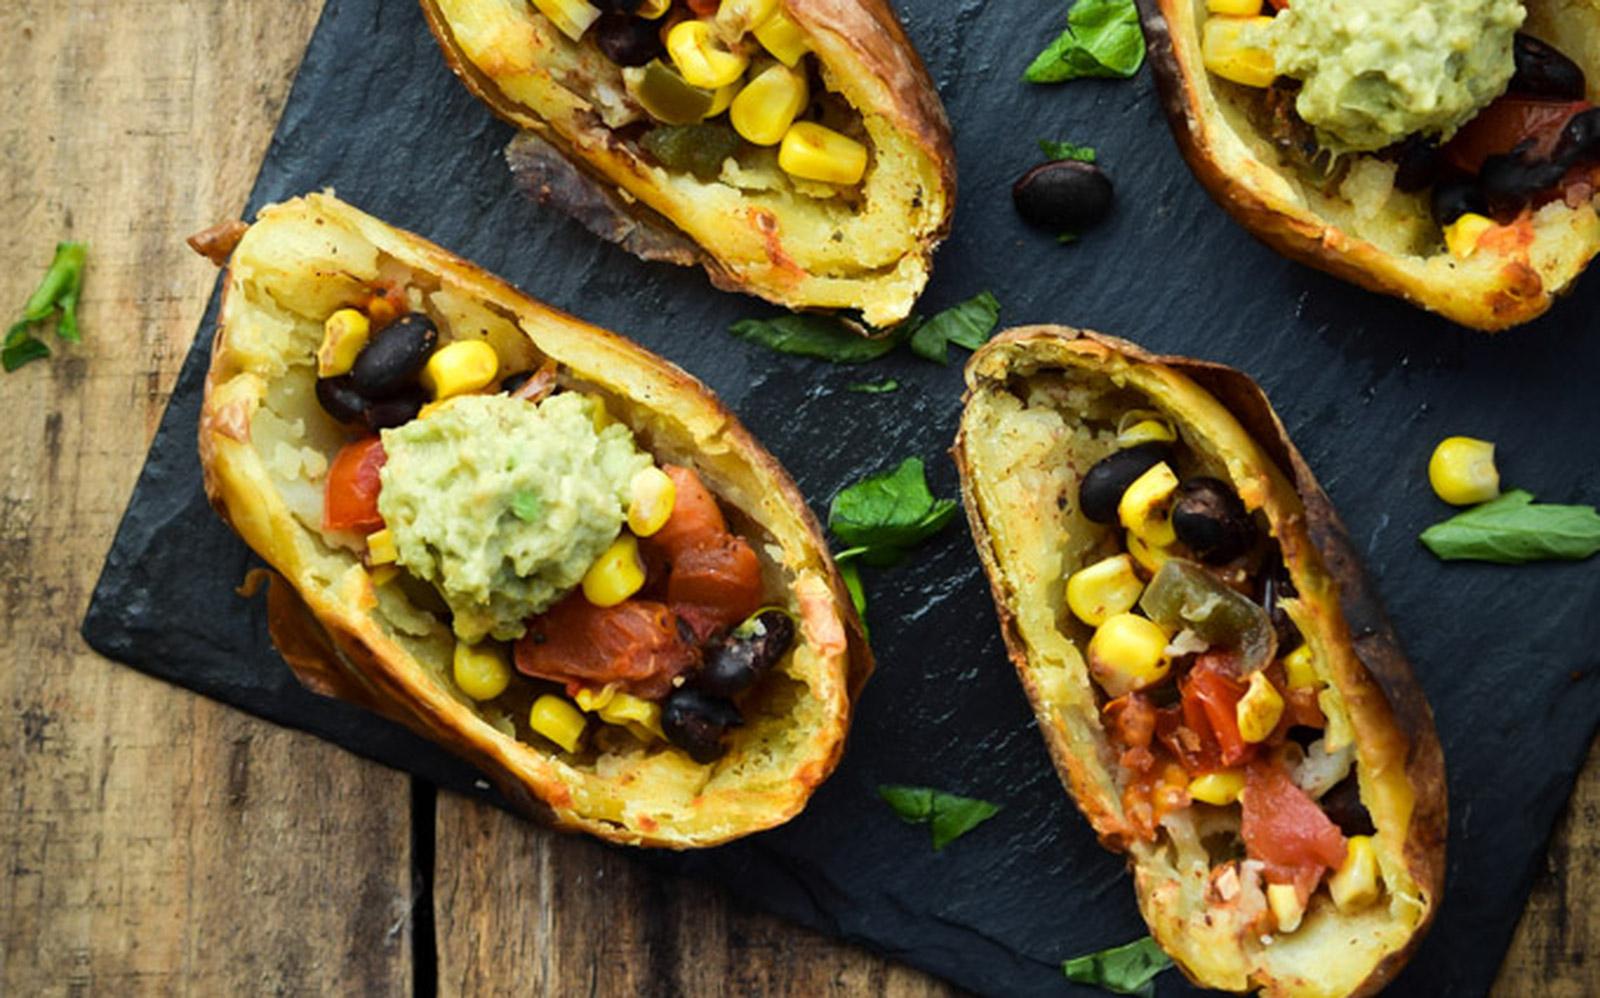 Vegan Enjoy Our Top 10 Vegan Tater Recipes